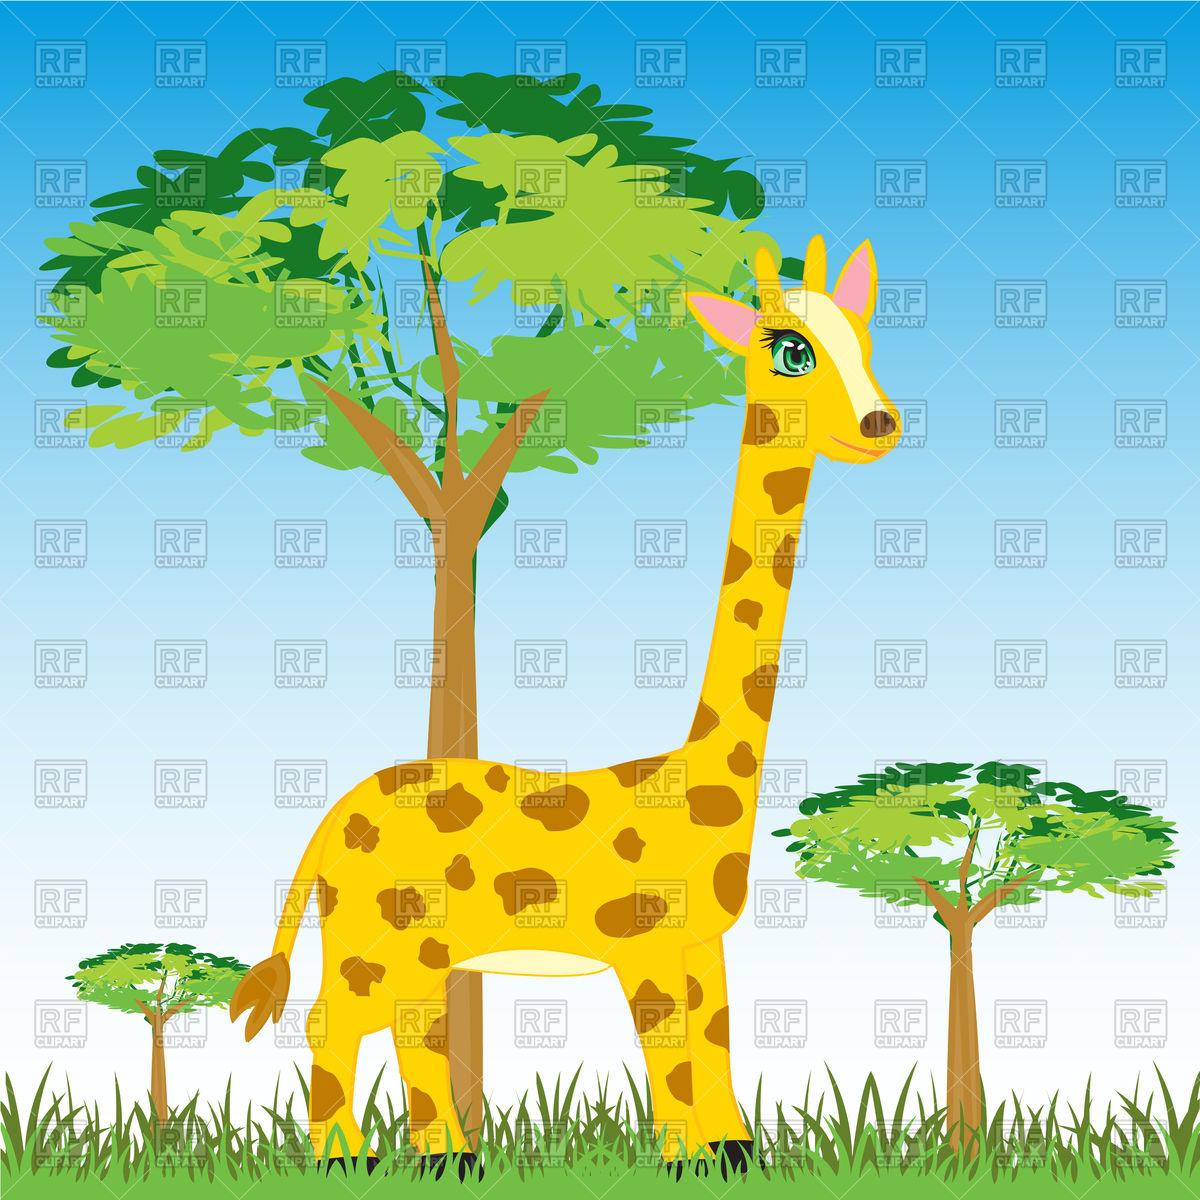 1200x1200 Cartoon Giraffe In Africa Vector Image Vector Artwork Of Plants